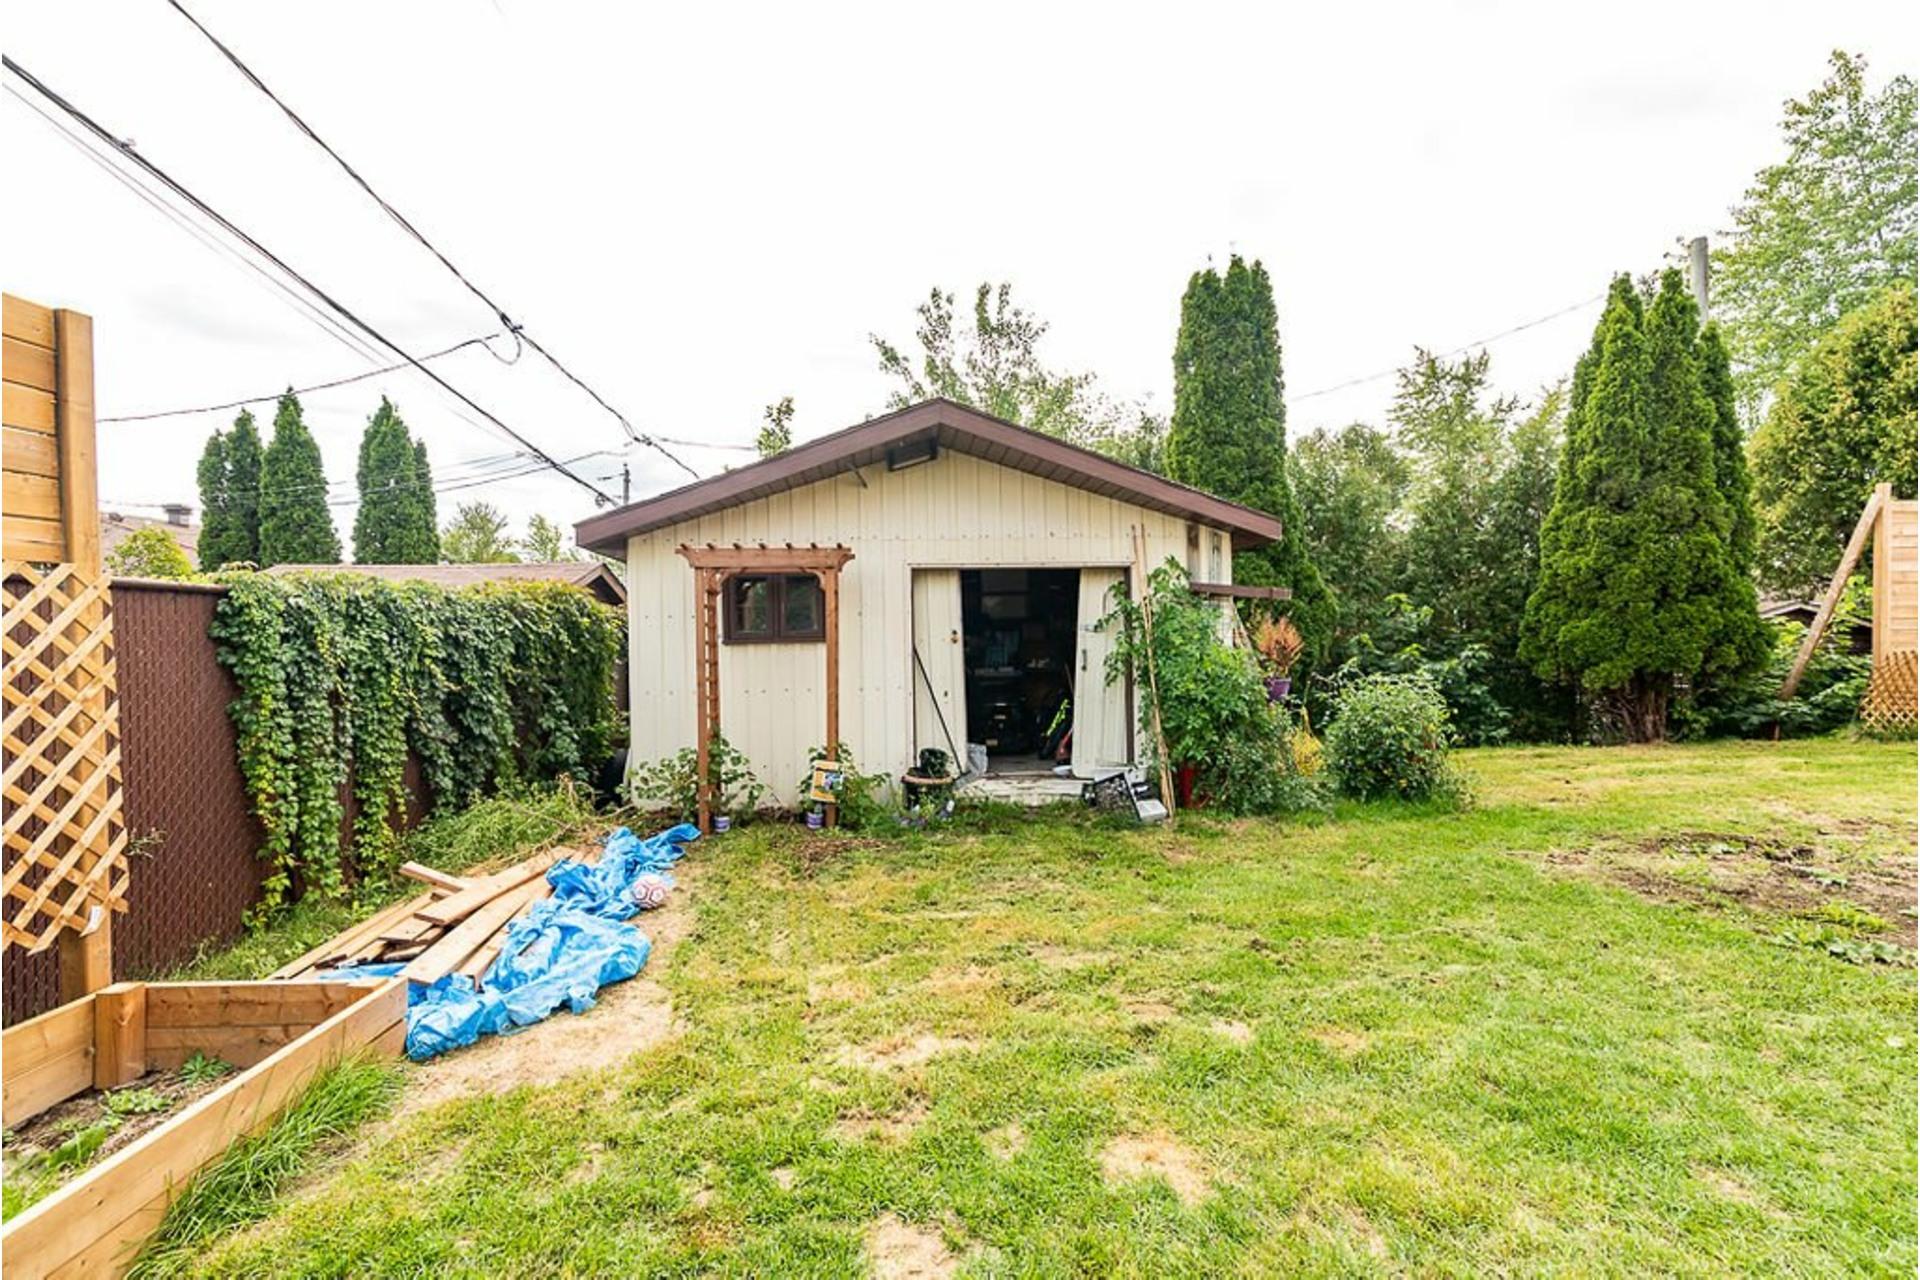 image 29 - Maison À vendre Sainte-Anne-des-Plaines - 11 pièces